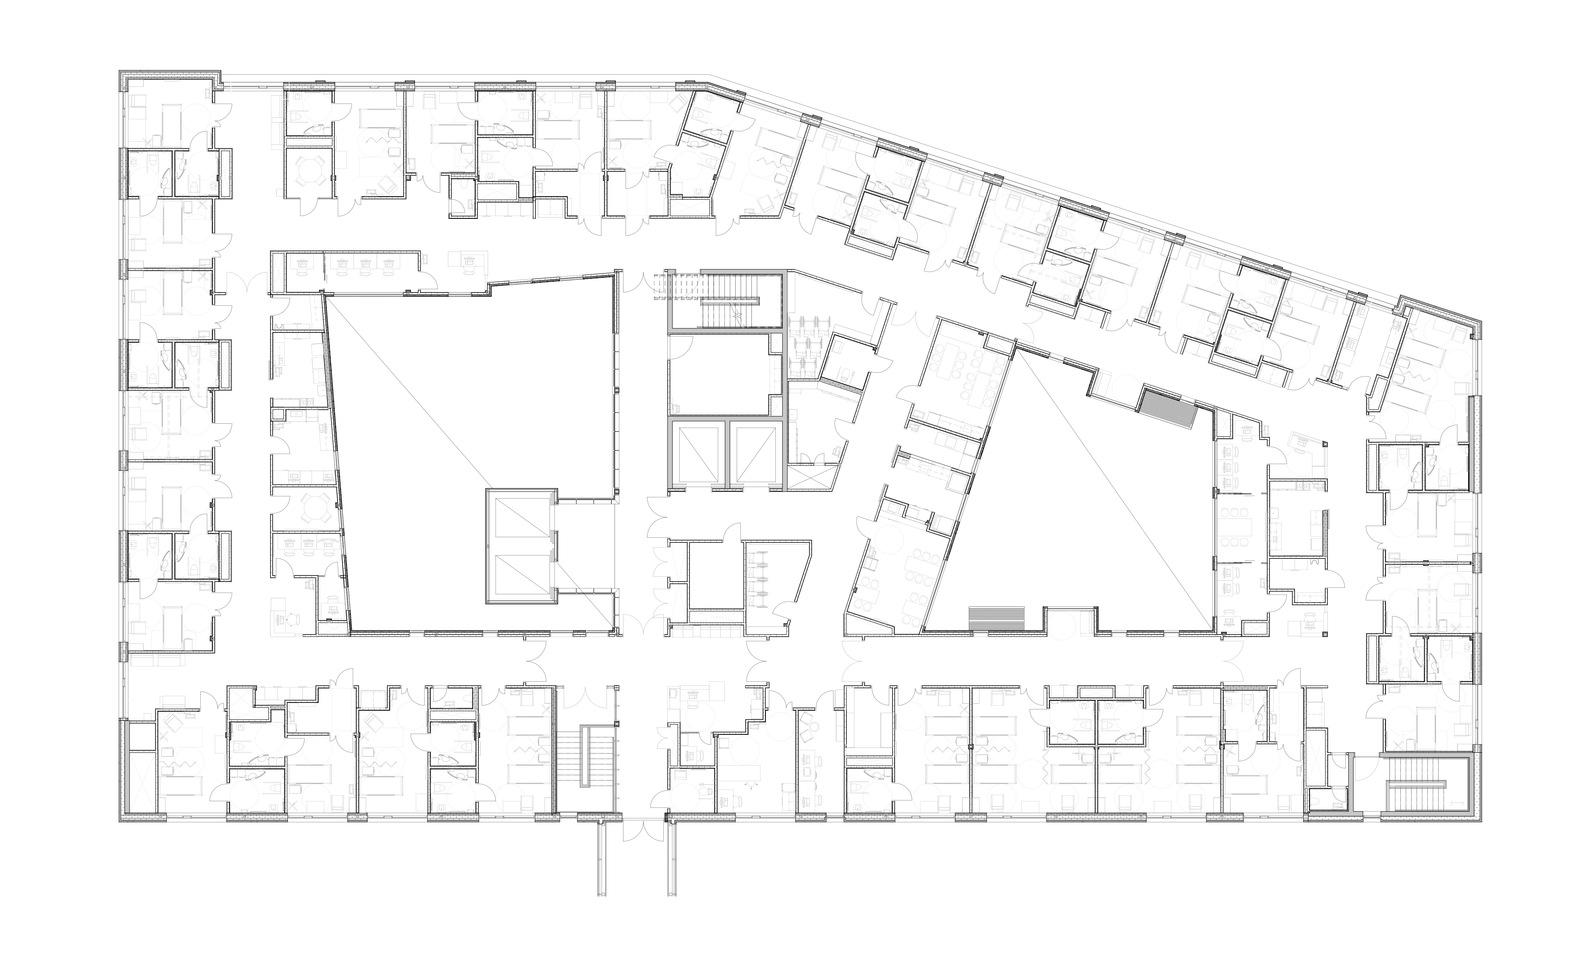 hight resolution of haraldsplass hospital c f m ller architects floor plan